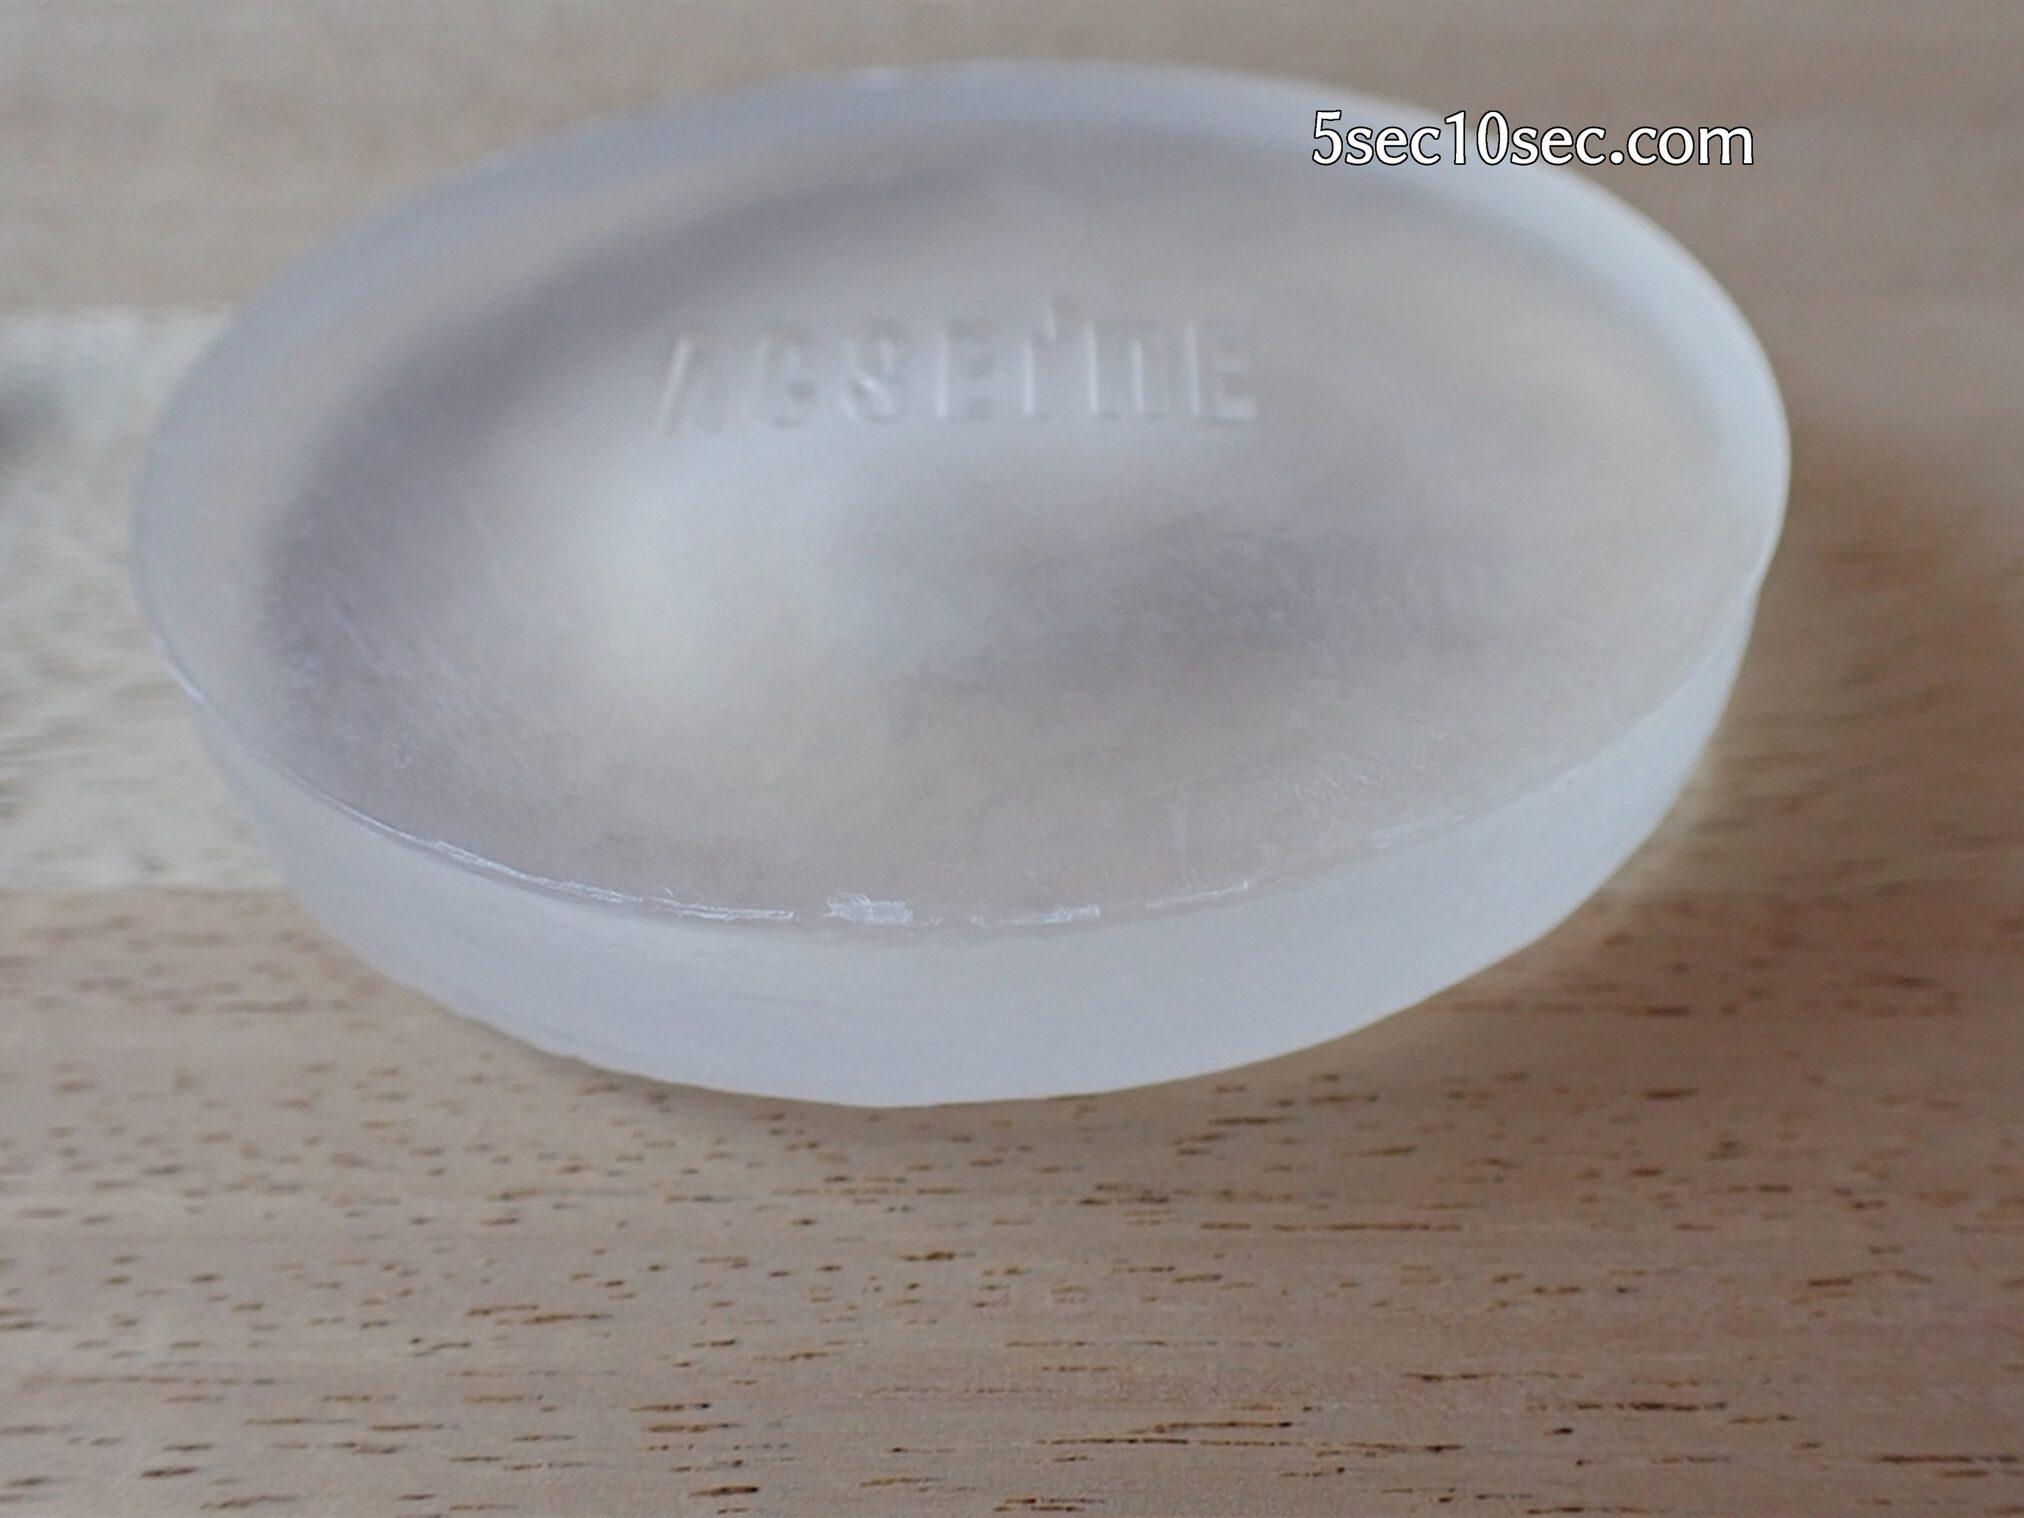 アクセーヌ スキンケアプログラムAD フェイシャルソープ AD 30g 洗顔料 約20日間使えます、厚みもあってしっかりとした大きさのある石鹸です